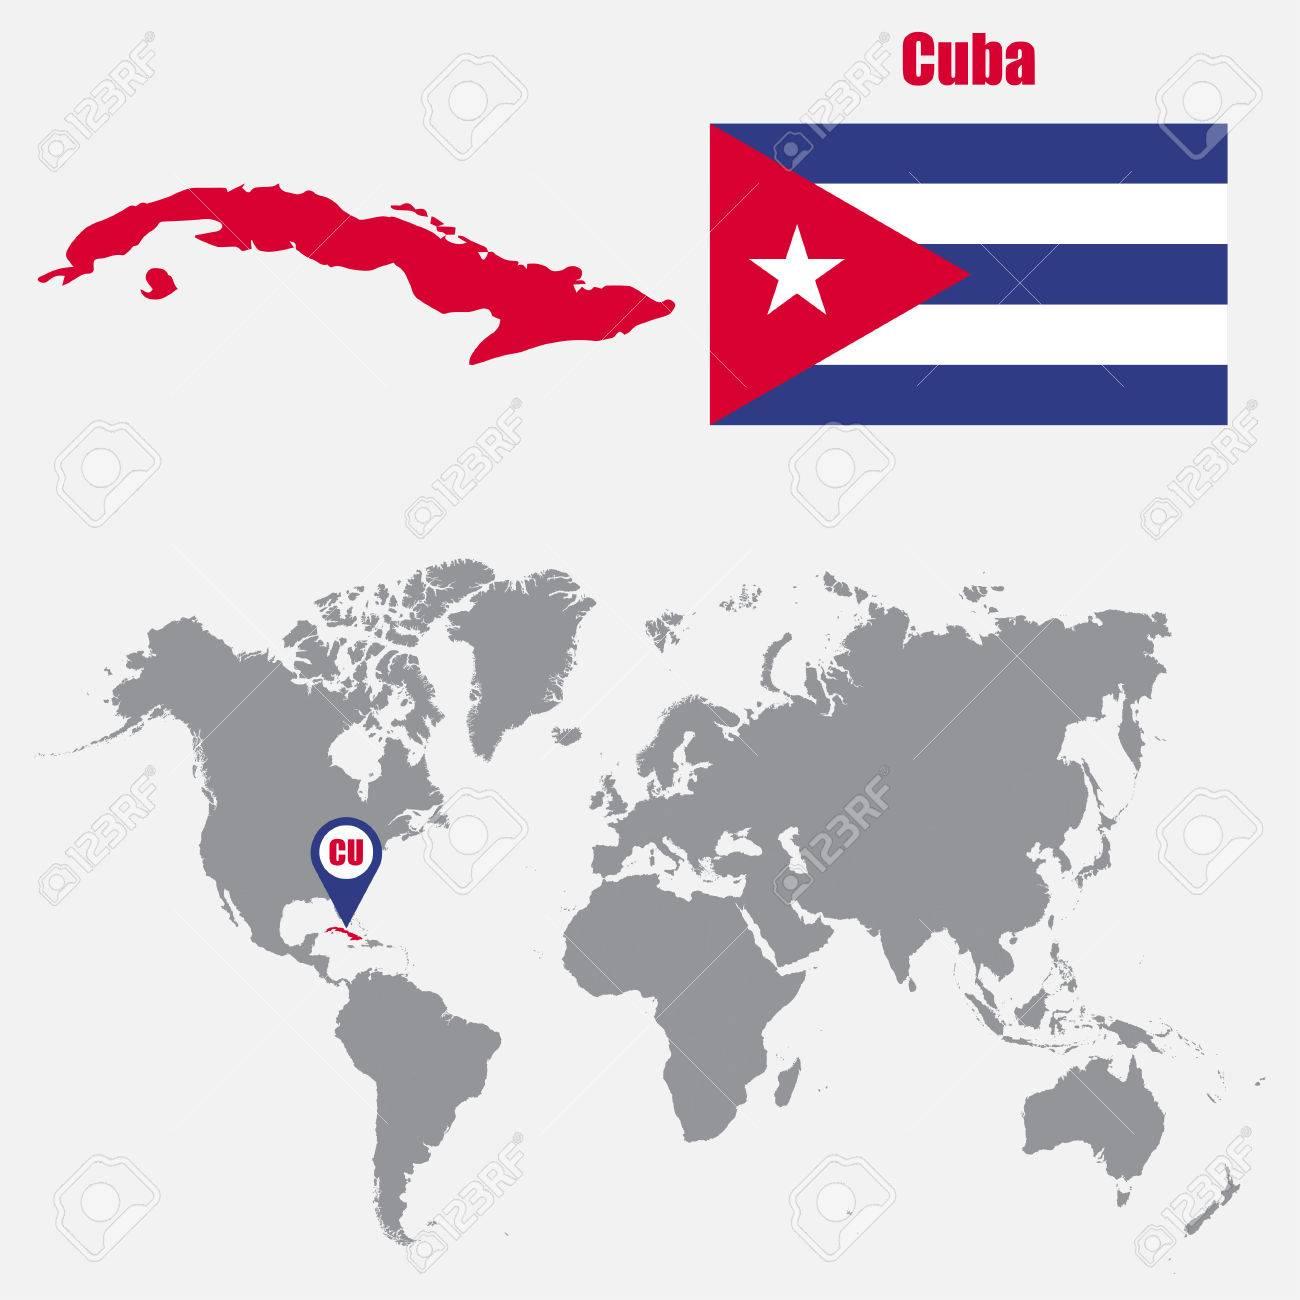 Cuba Mapa Del Mundo.Mapa De Cuba En Un Mapa Del Mundo Con La Bandera Y El Puntero Del Mapa Ilustracion Vectorial Ilustraciones Vectoriales Clip Art Vectorizado Libre De Derechos Image 62045541